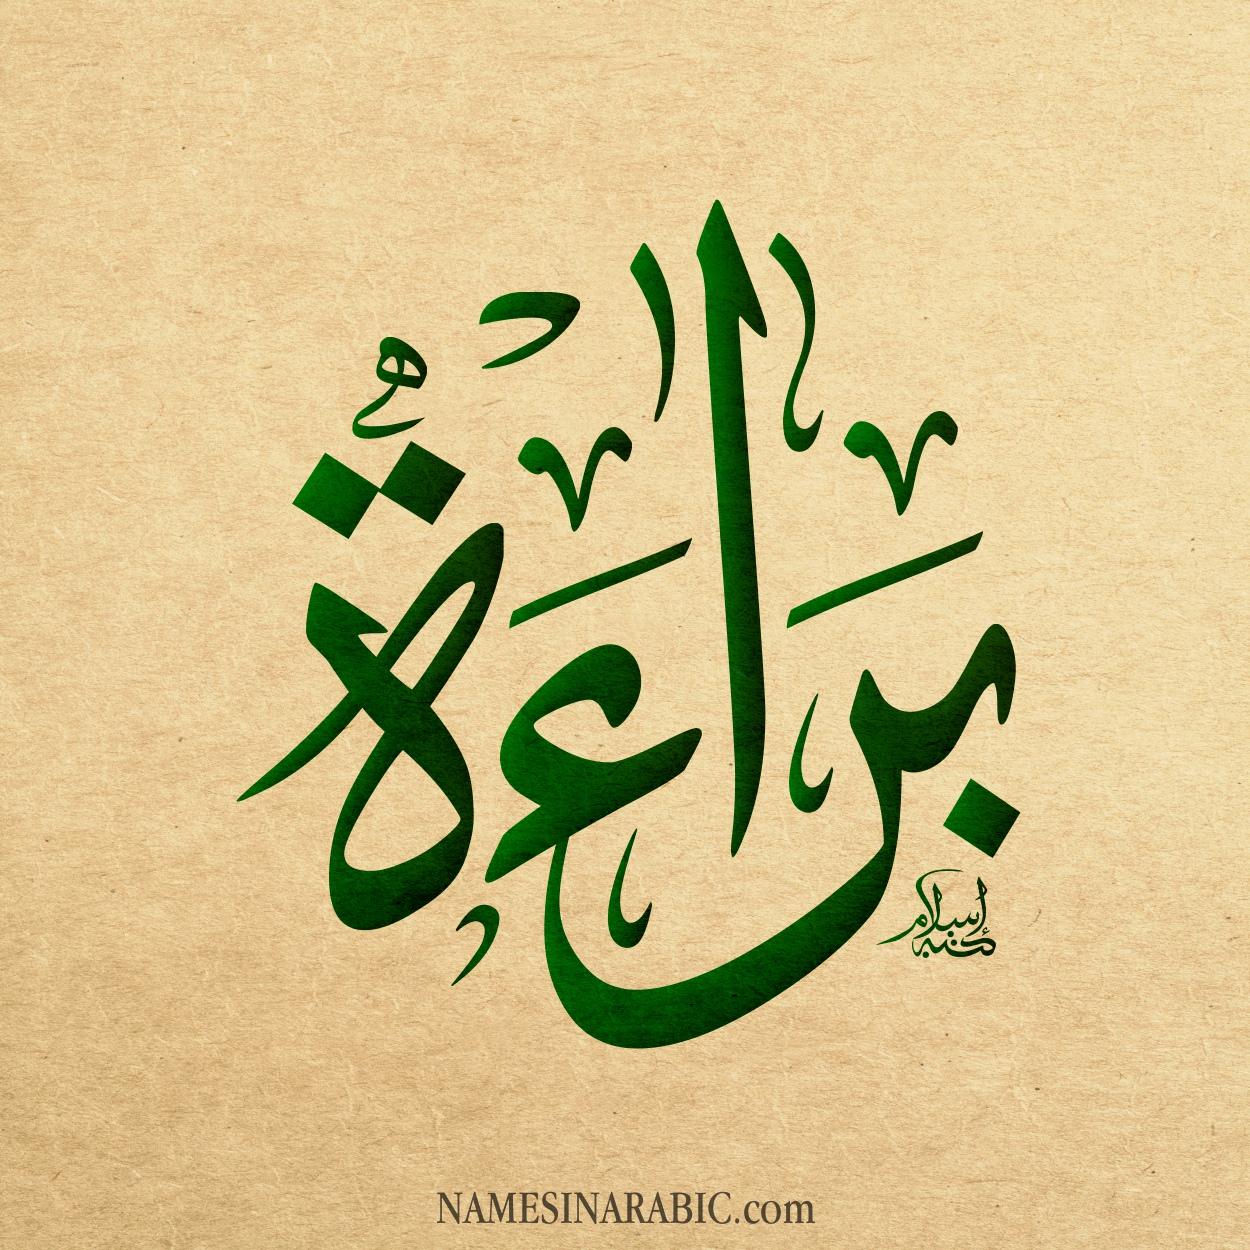 صورة اسم براءة Braah اسم براءة بالخط العربي من موقع الأسماء بالخط العربي بريشة الفنان إسلام ابن الفضل